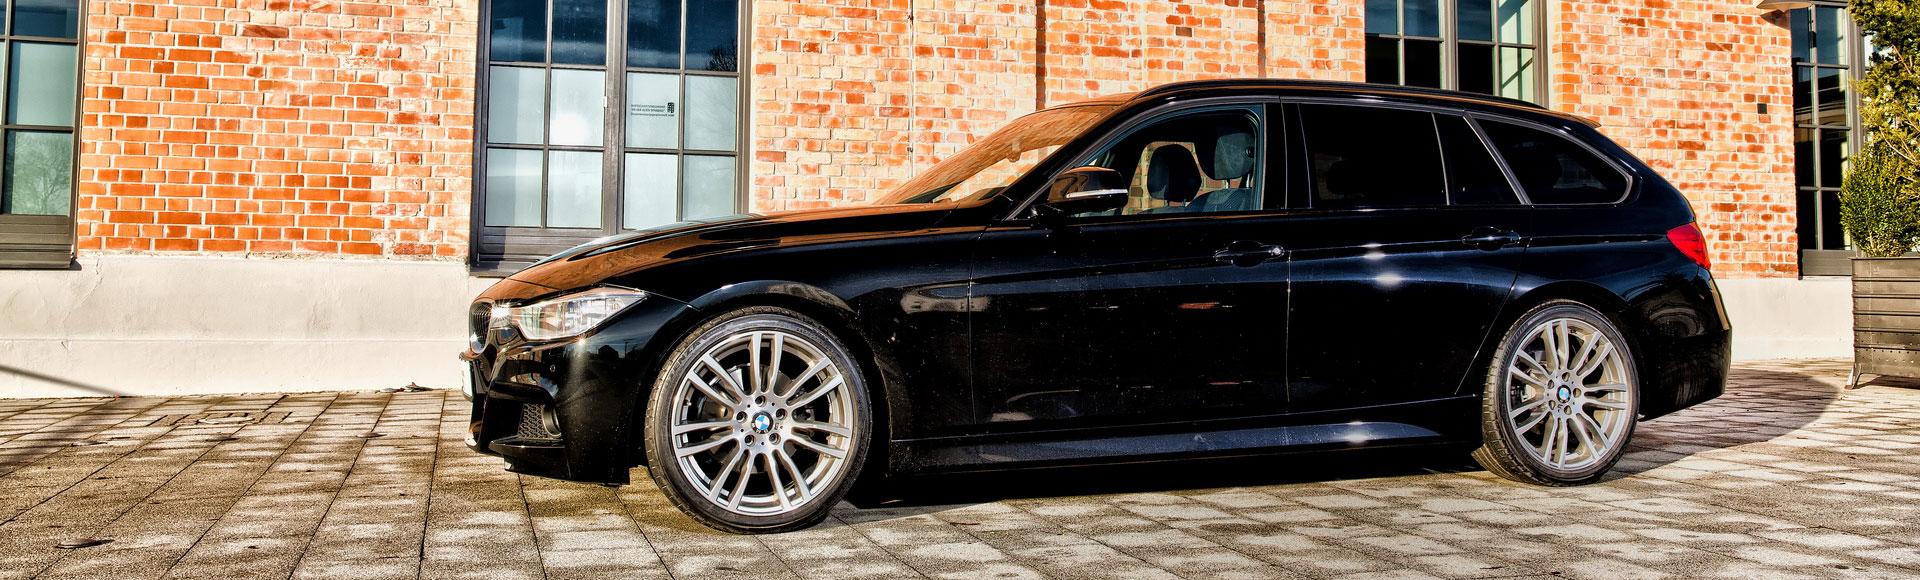 BMW 320 Touring 2013 30413